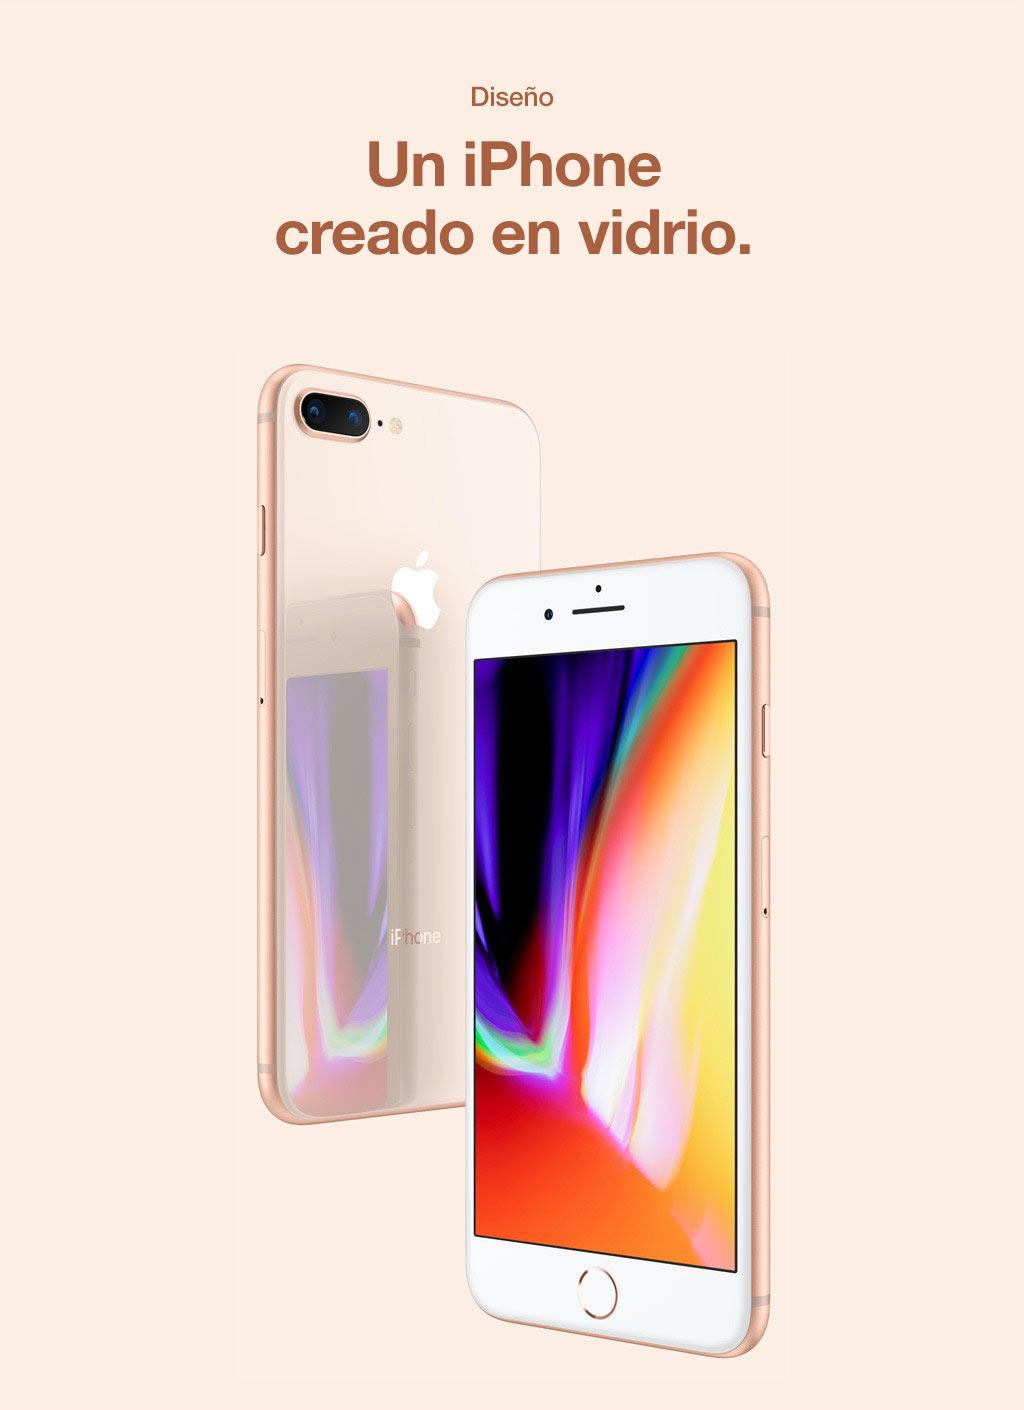 Diseño. Un iPhone diseñado con vidrio